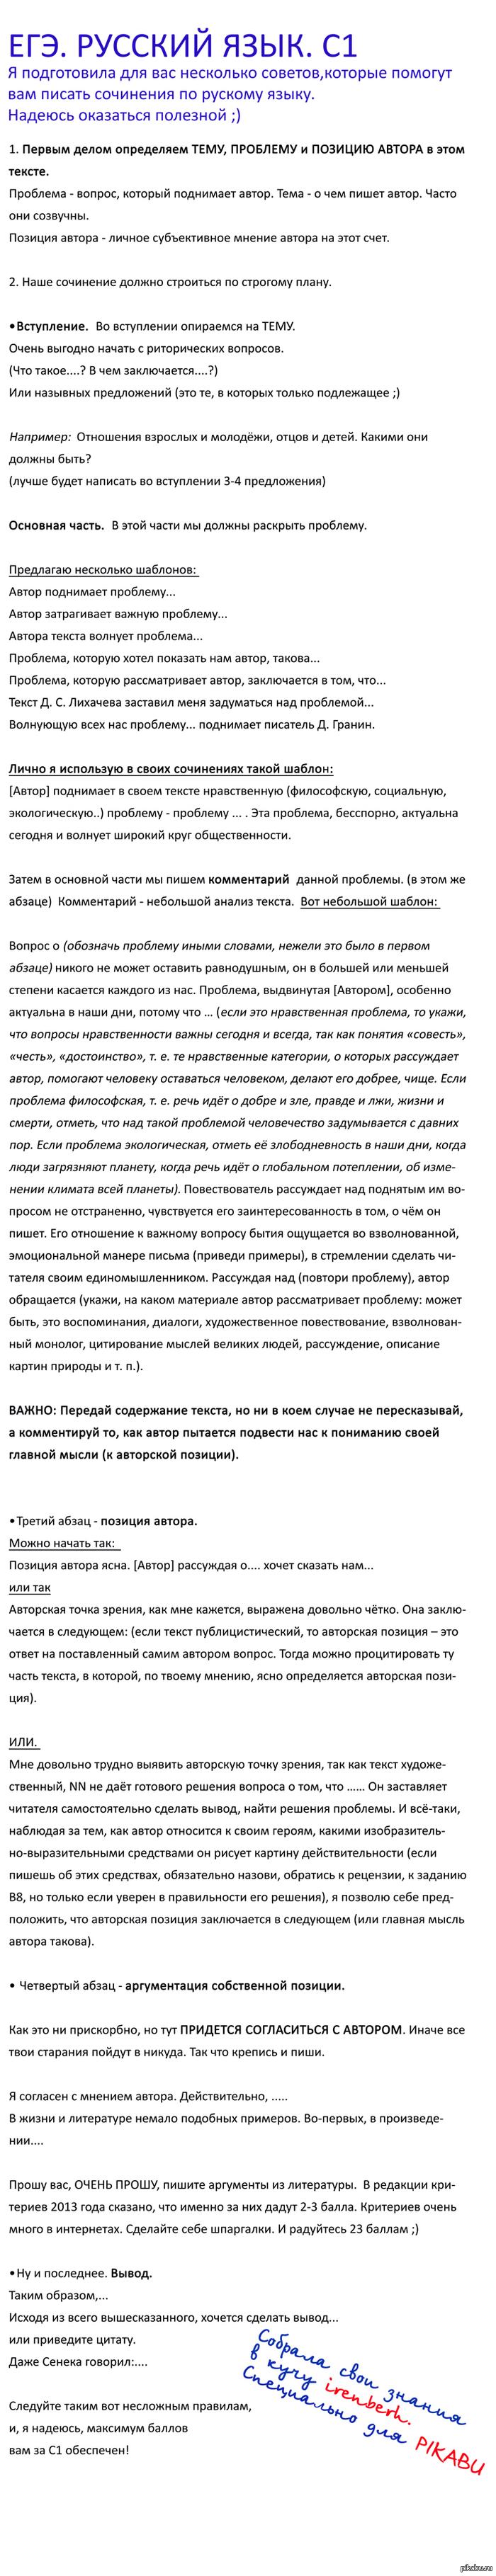 Русский язык 11 егэ